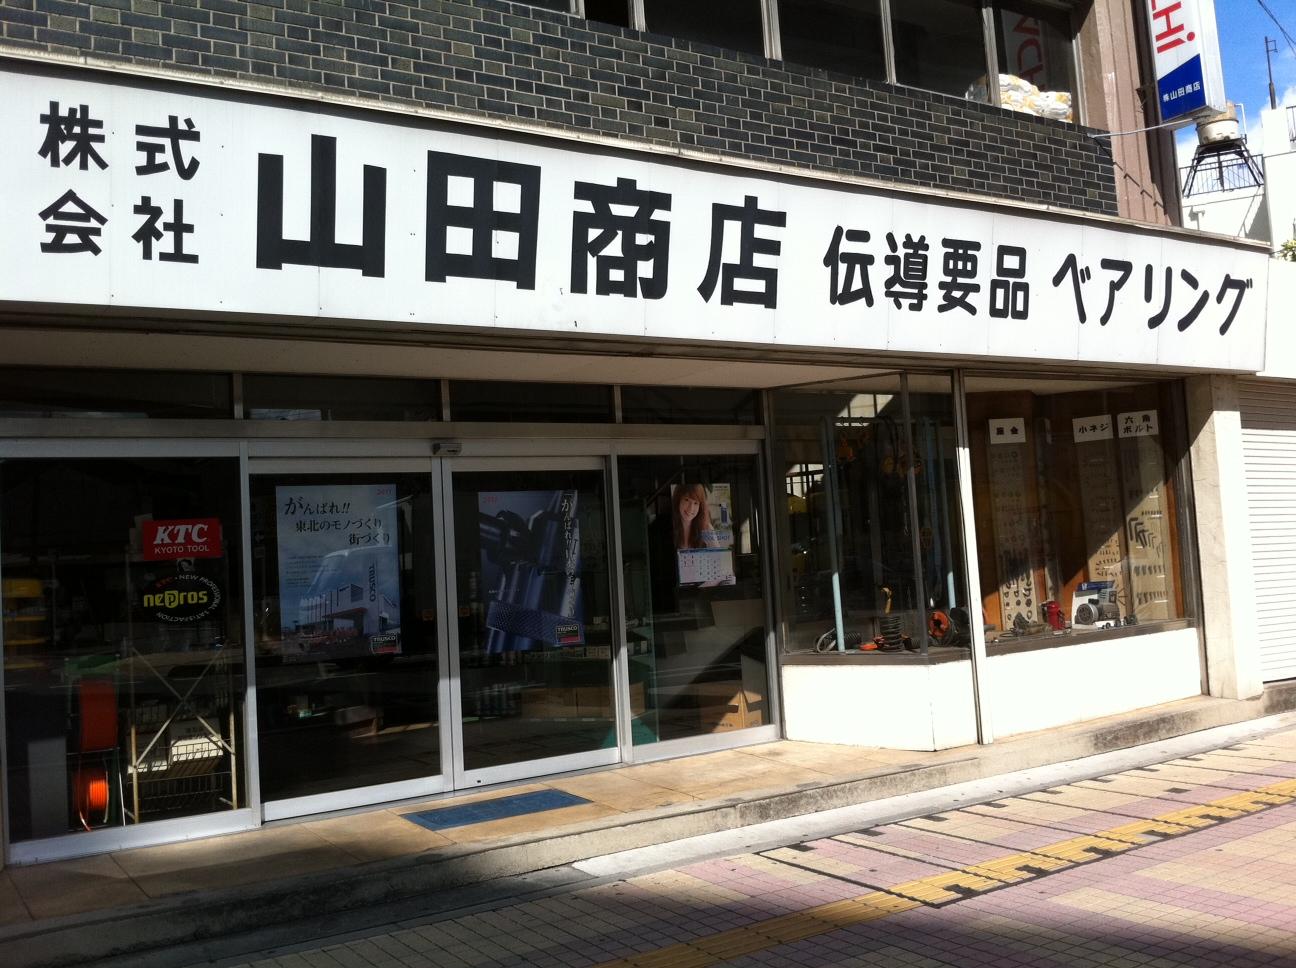 川口機械工具商業協同組合(埼玉県川口市)株式会社山田商店